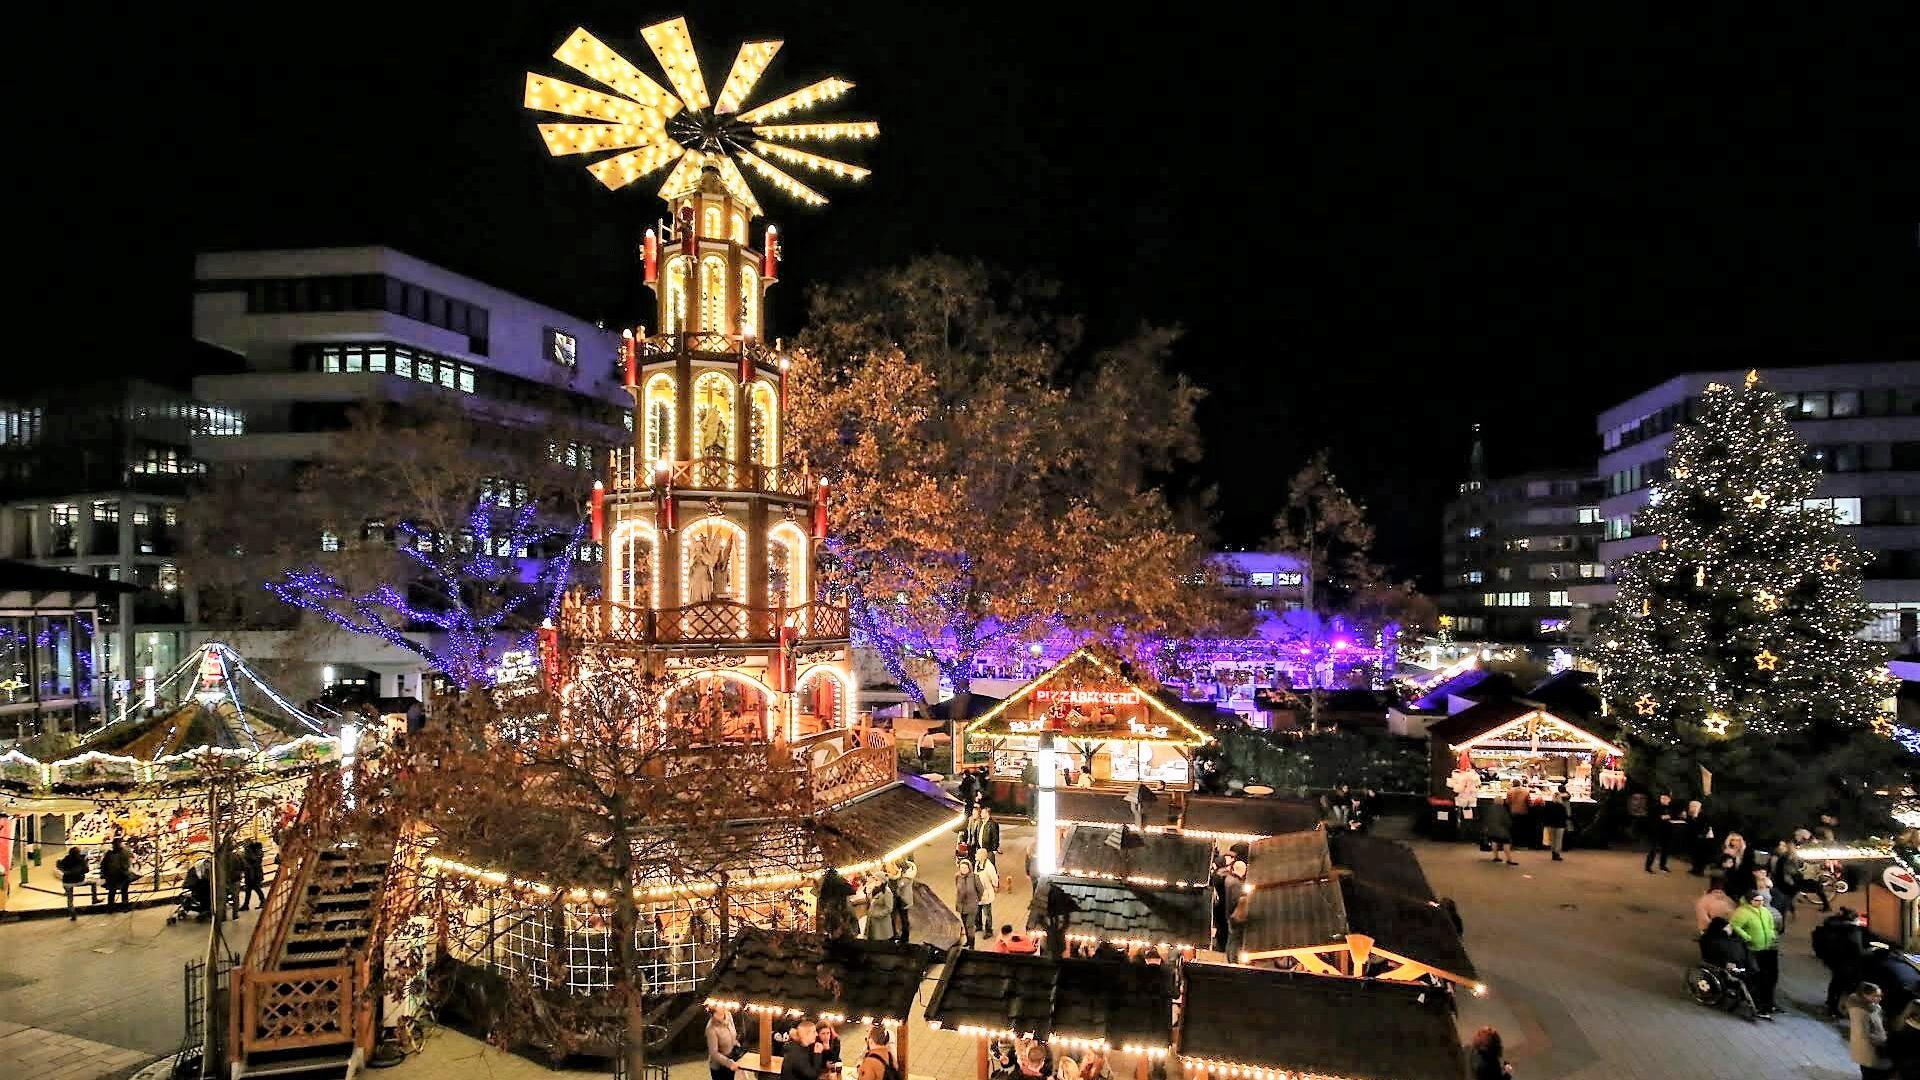 Abendlicher Blick auf die leuchtende Engels Pyramide und die Stände auf dem Weihnachtsmarkt Pforzheim.